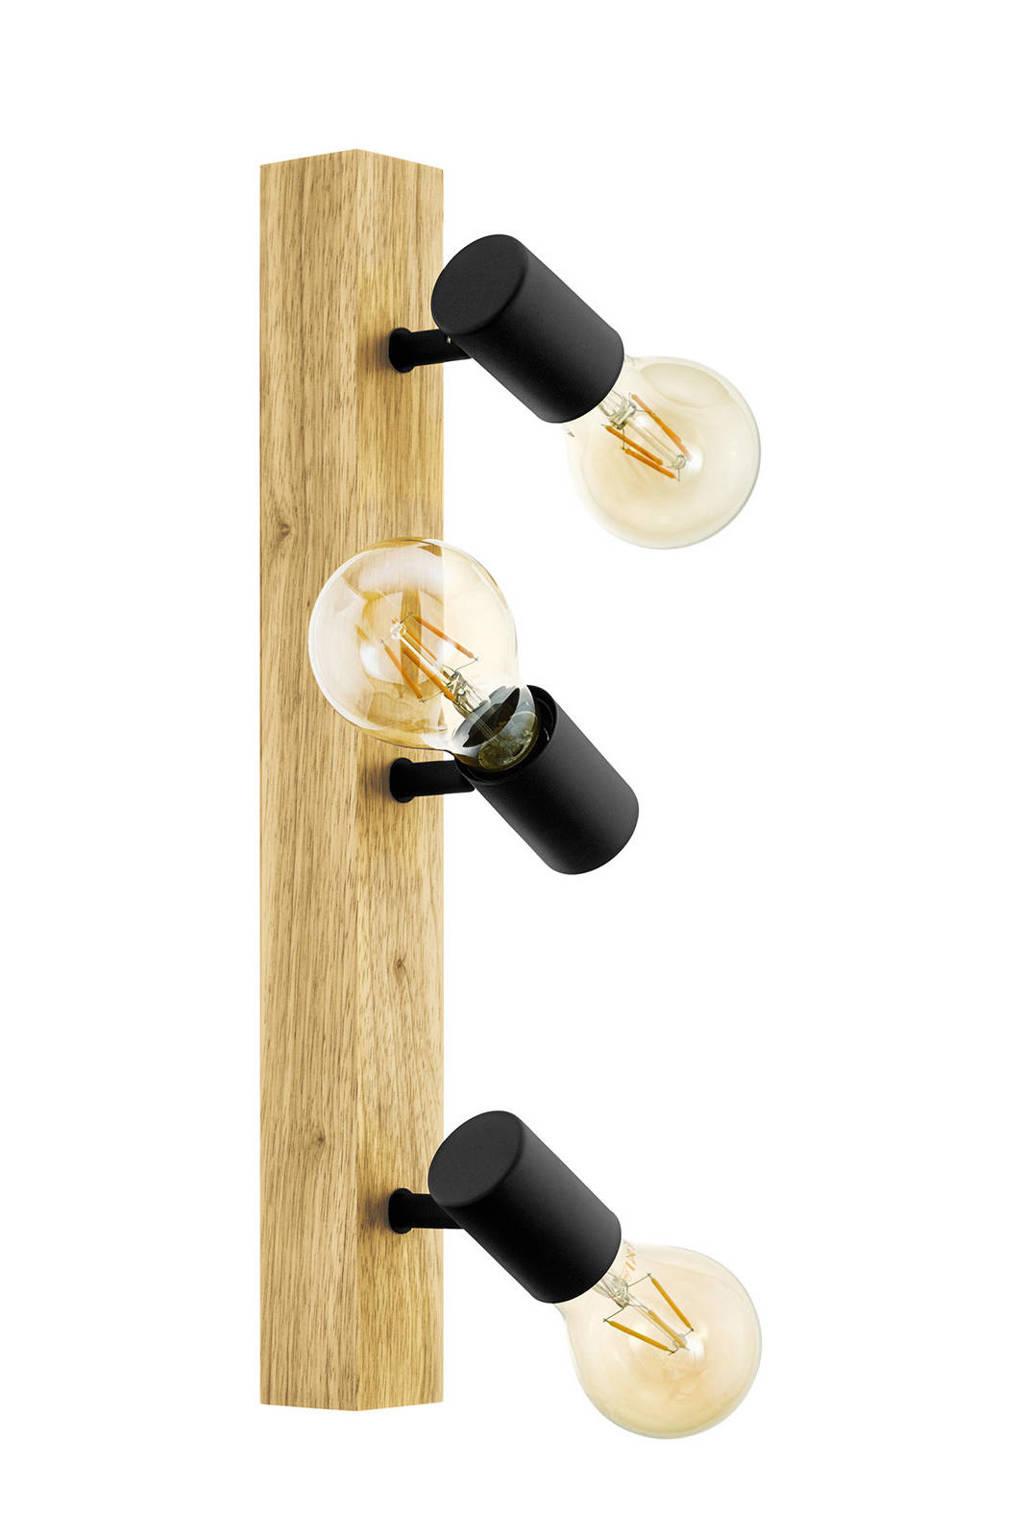 EGLO wandlamp Townshend 3 3-lichts, bruin, zwart